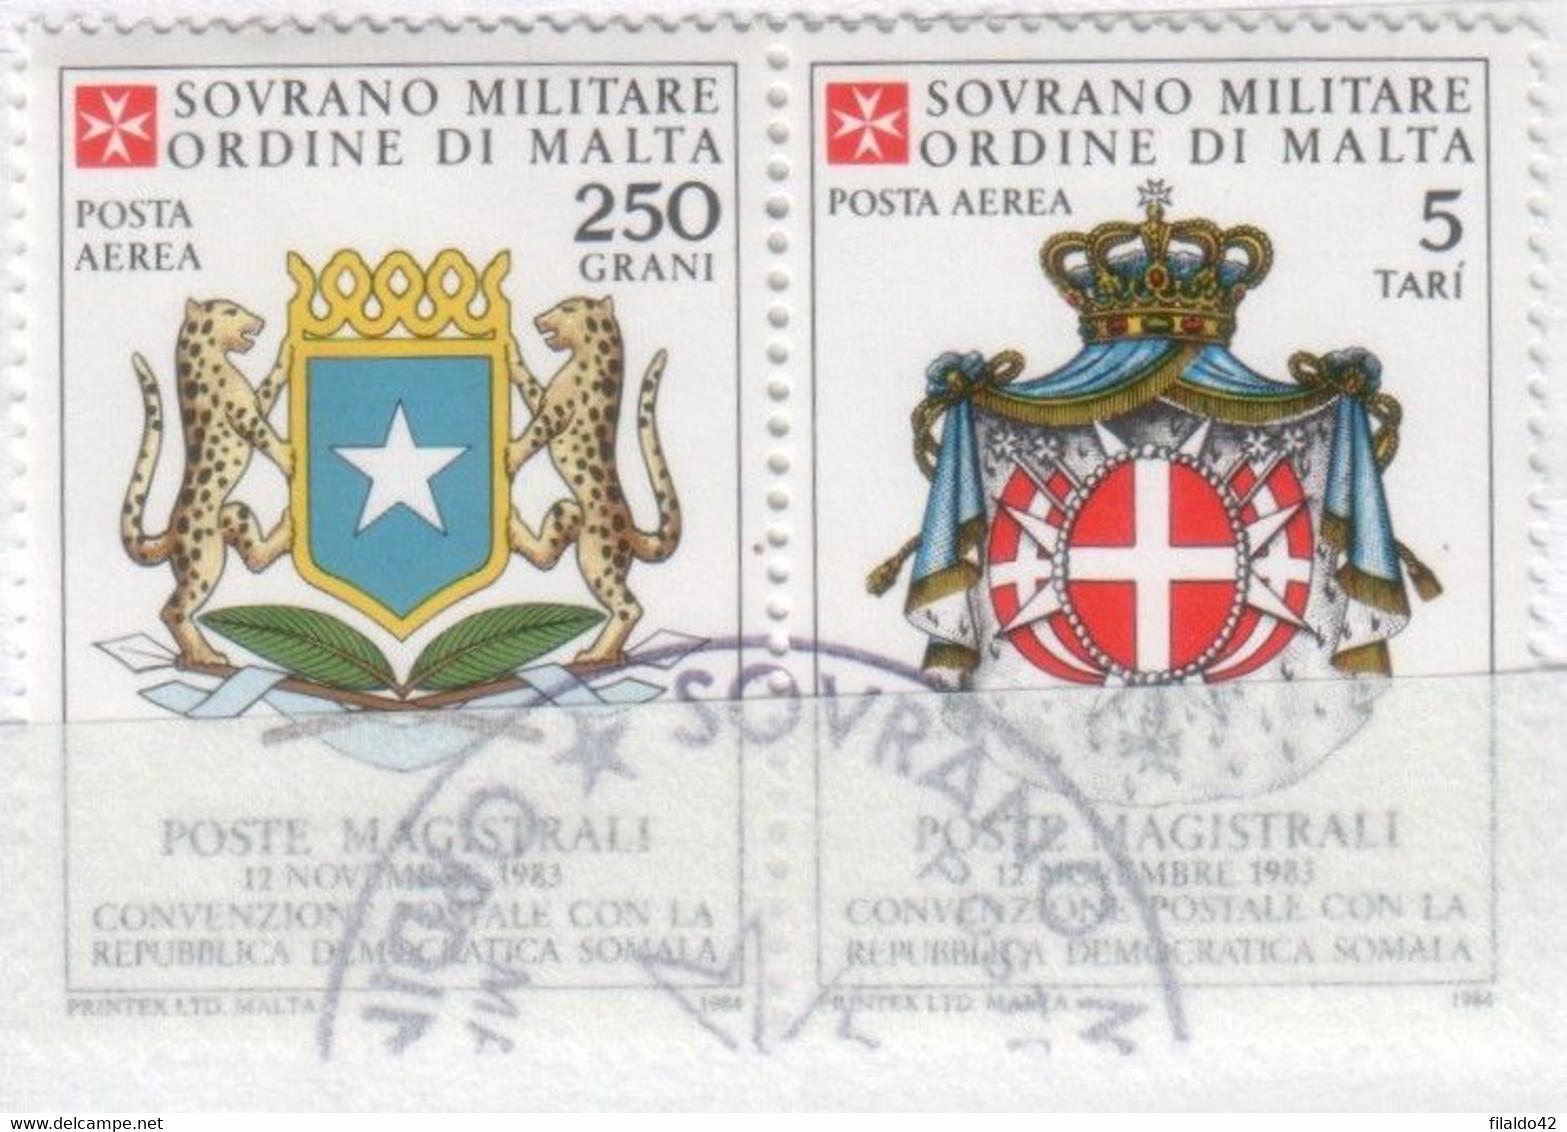 SMOM - 1984 Usato - AEREA Convenzione Postale Con La Somalia S. Cpl 2v Uniti (rif. A5/A6 Cat. Unificato) - Malte (Ordre De)